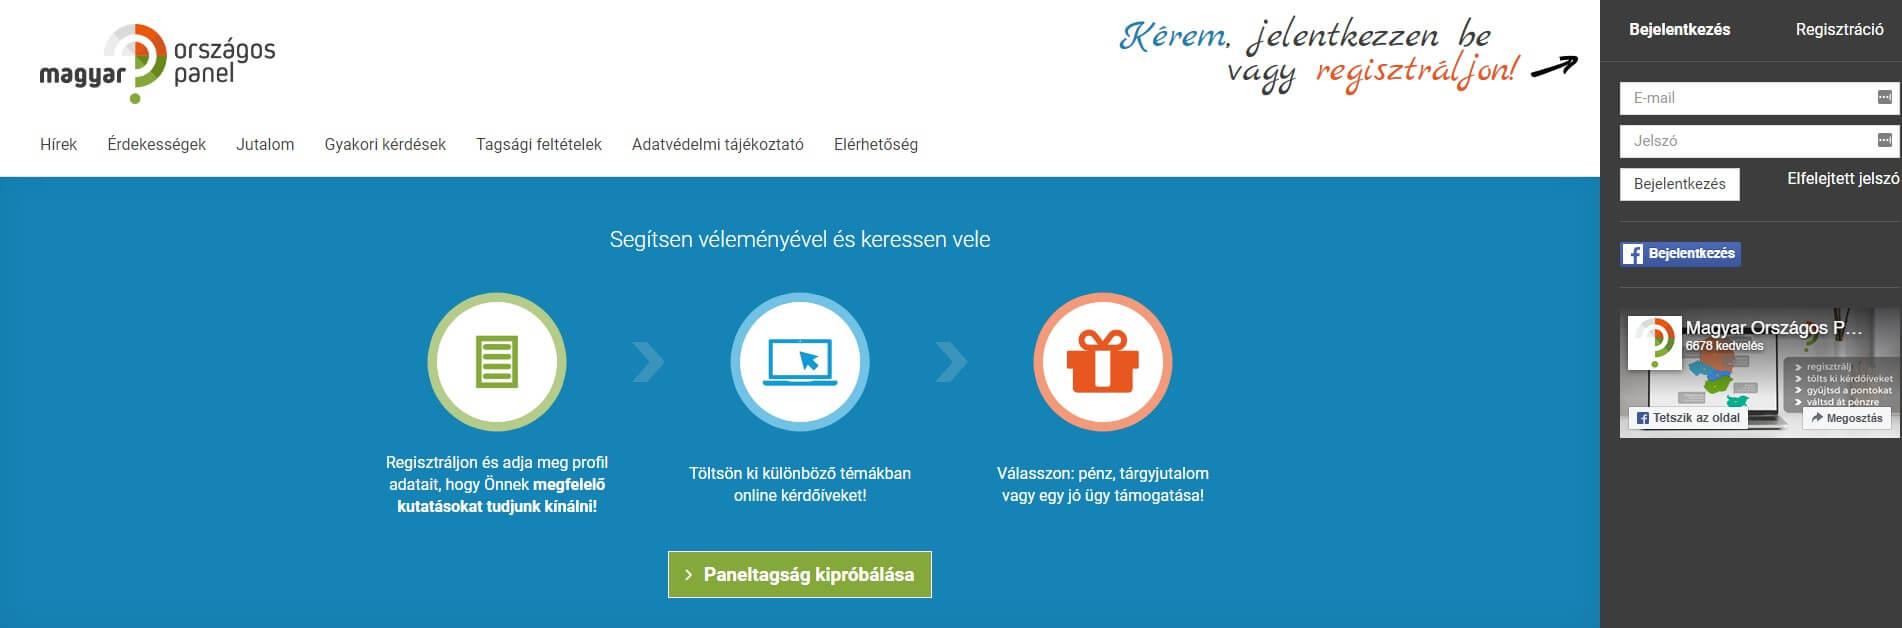 keresni online bejelentkezés)